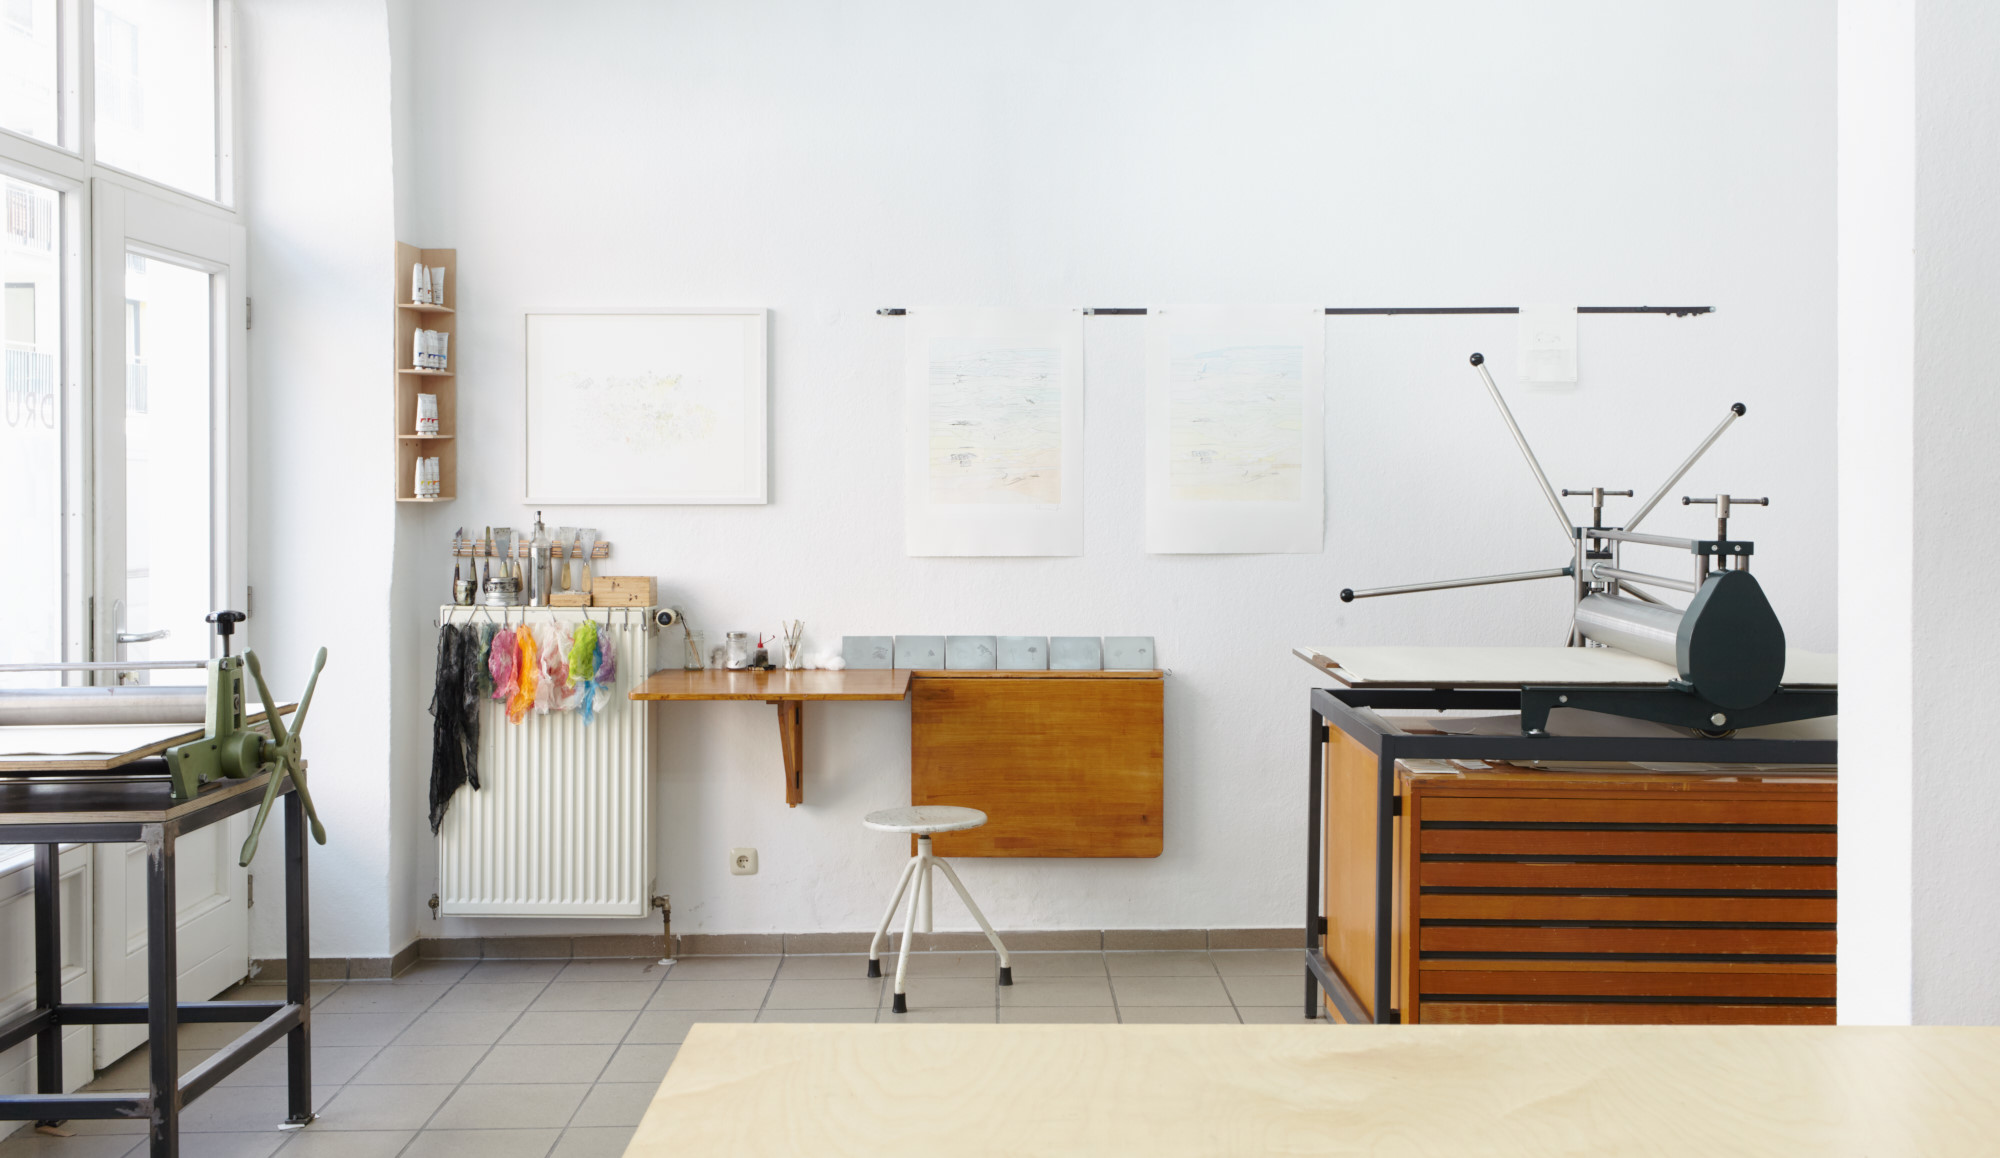 atelier raum atelier ein raum fr mich werkstatt oder atelier kreativ gestalten atelier raum. Black Bedroom Furniture Sets. Home Design Ideas